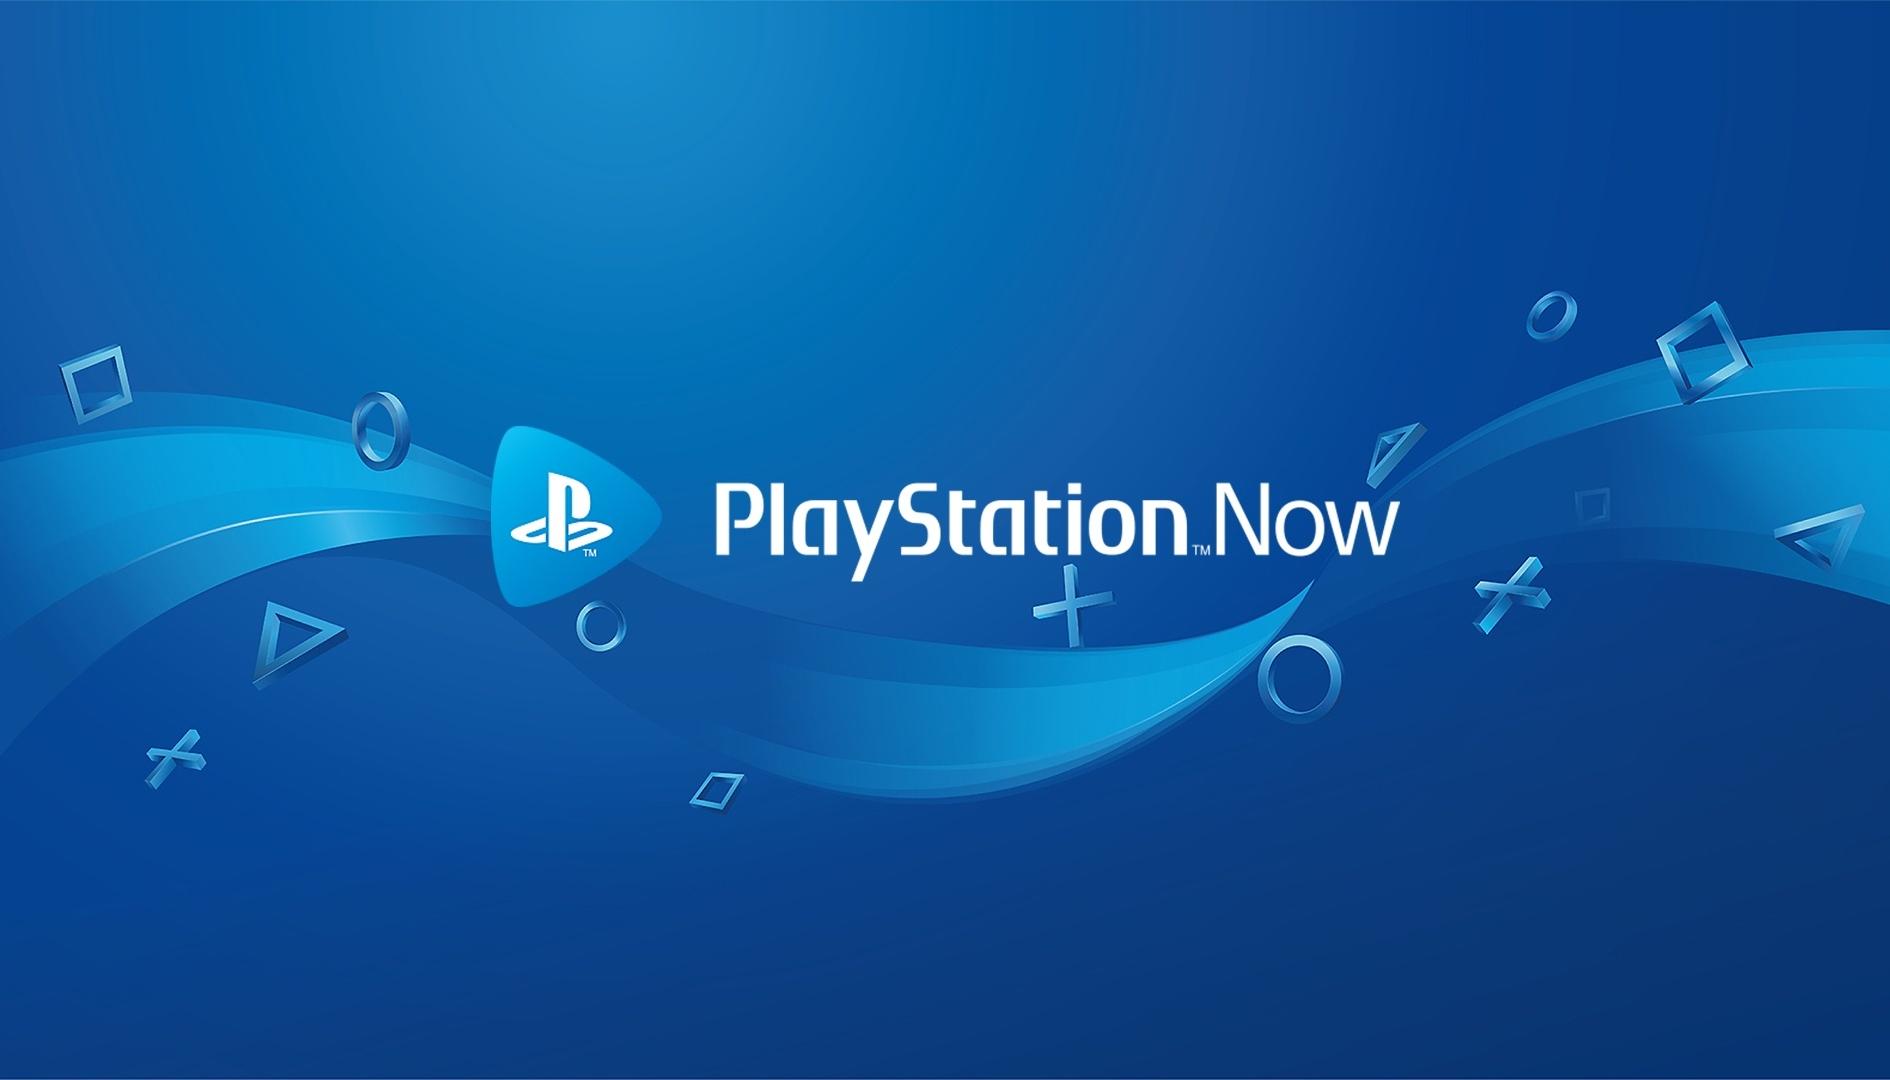 Playstation Now le novità di Maggio 2019